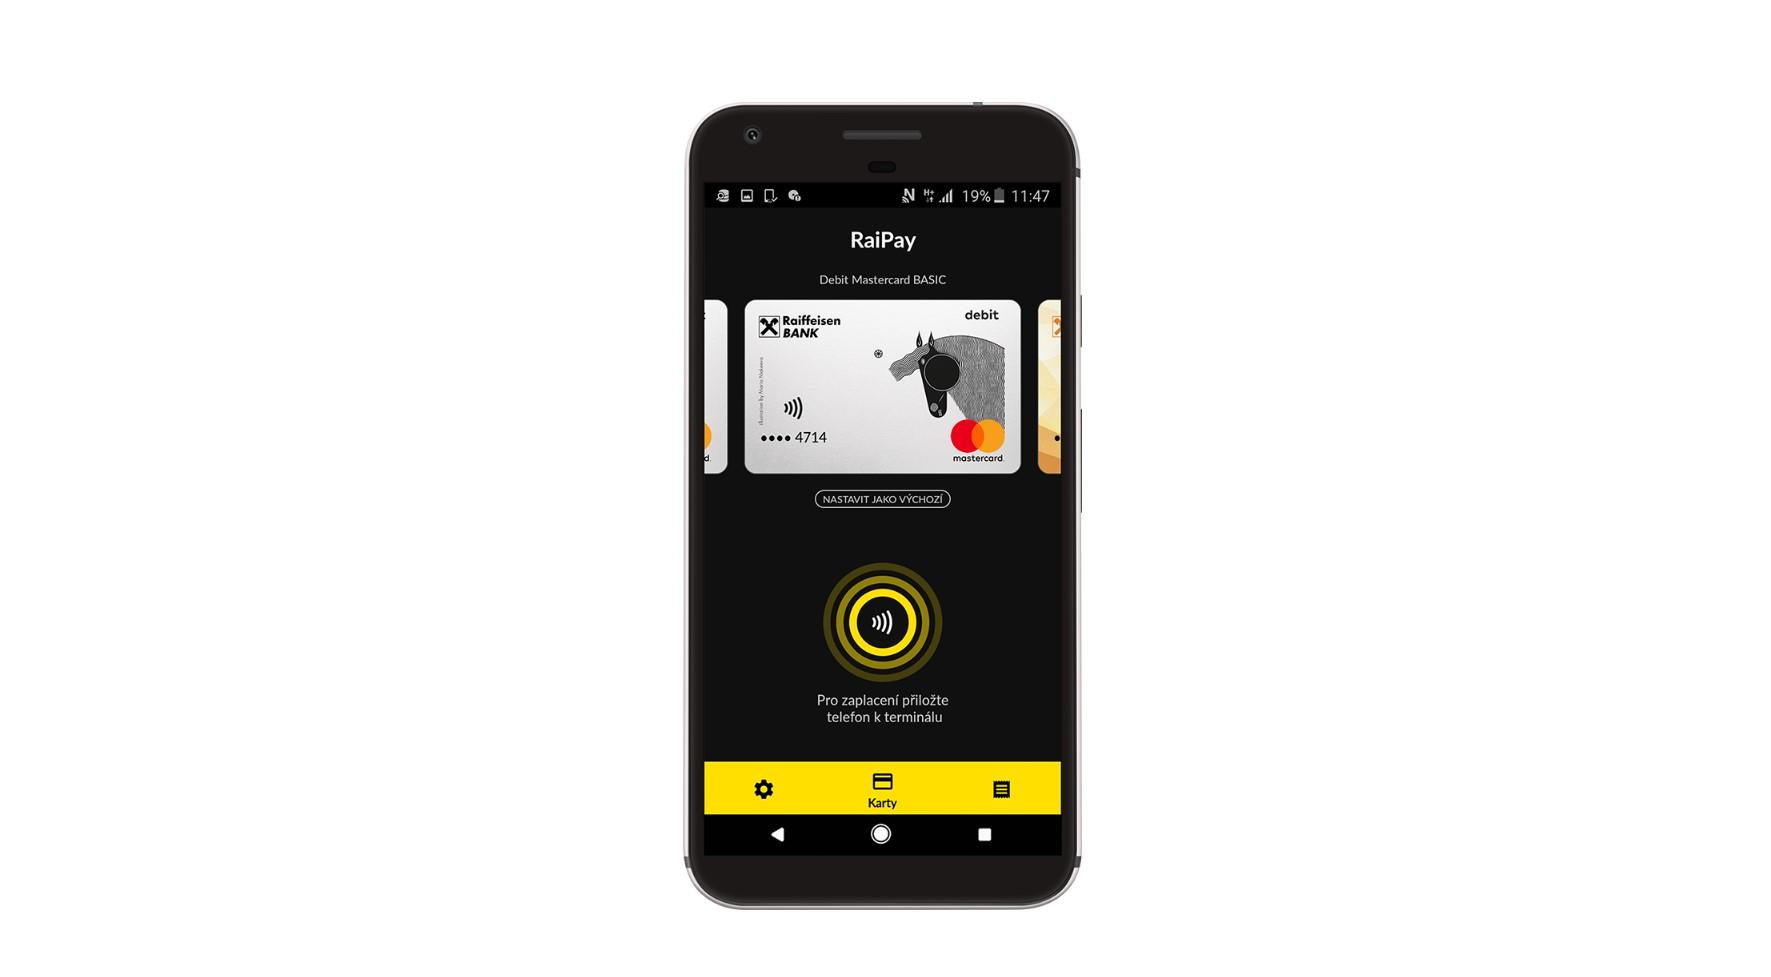 Raiffeisenbank nabízí platby mobilem skrze aplikaci RaiPay